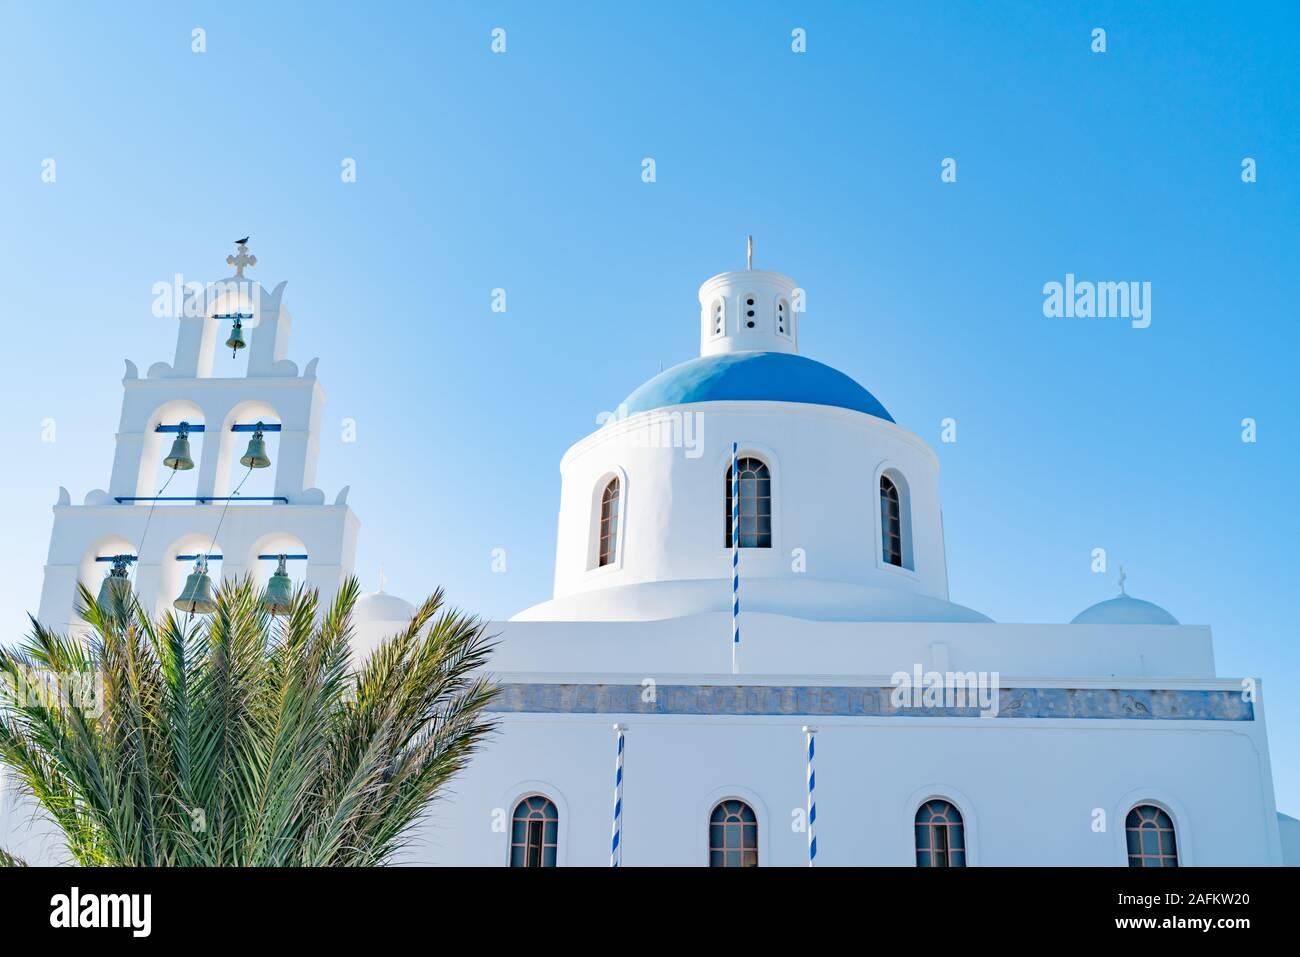 Oia Griechenland - 7. August 2019; Kirche Panagia mit sechs Glockenturm in Oia, Santorini in whitwashed Außenwände strahlend blauen Kuppel. Stockfoto